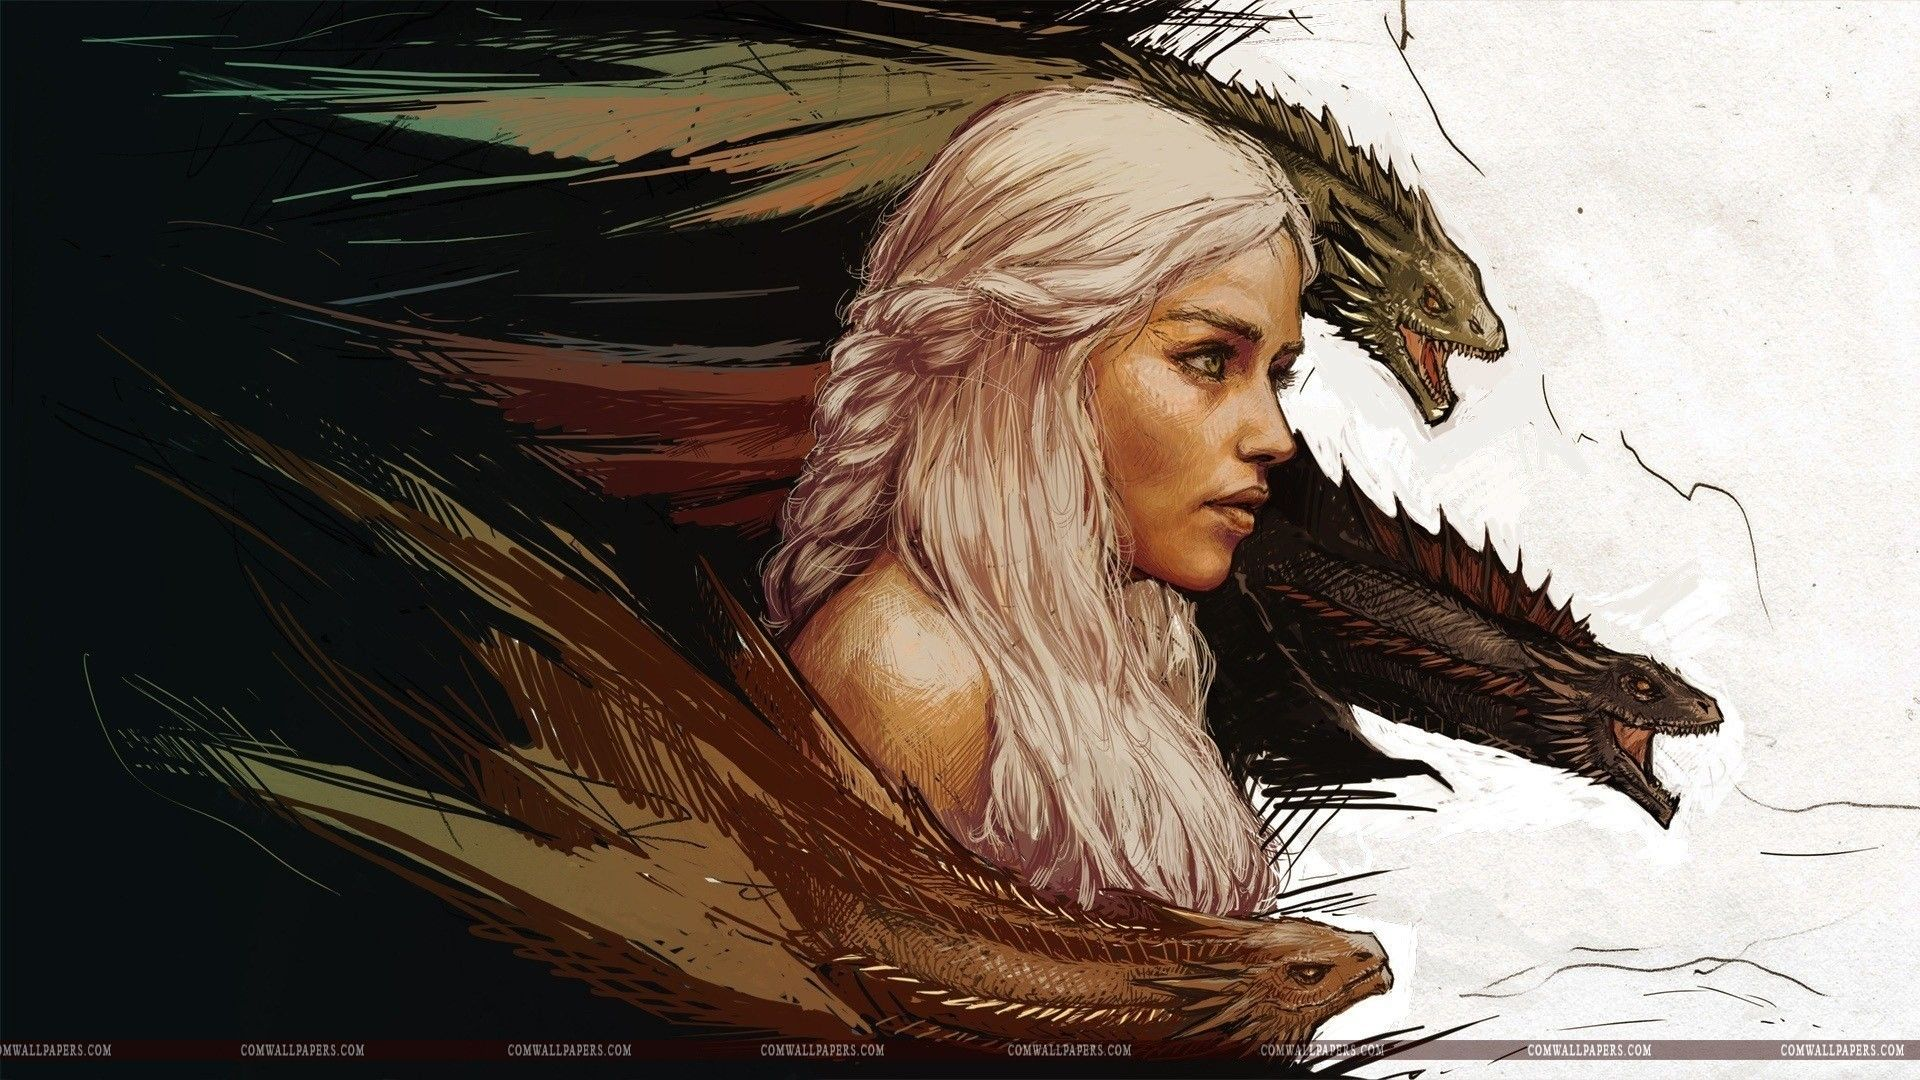 Daenerys targaryen and khal drogo wallpaper daenerys targaryen wedding - Daenerys Targaryen Hd Wallpaper